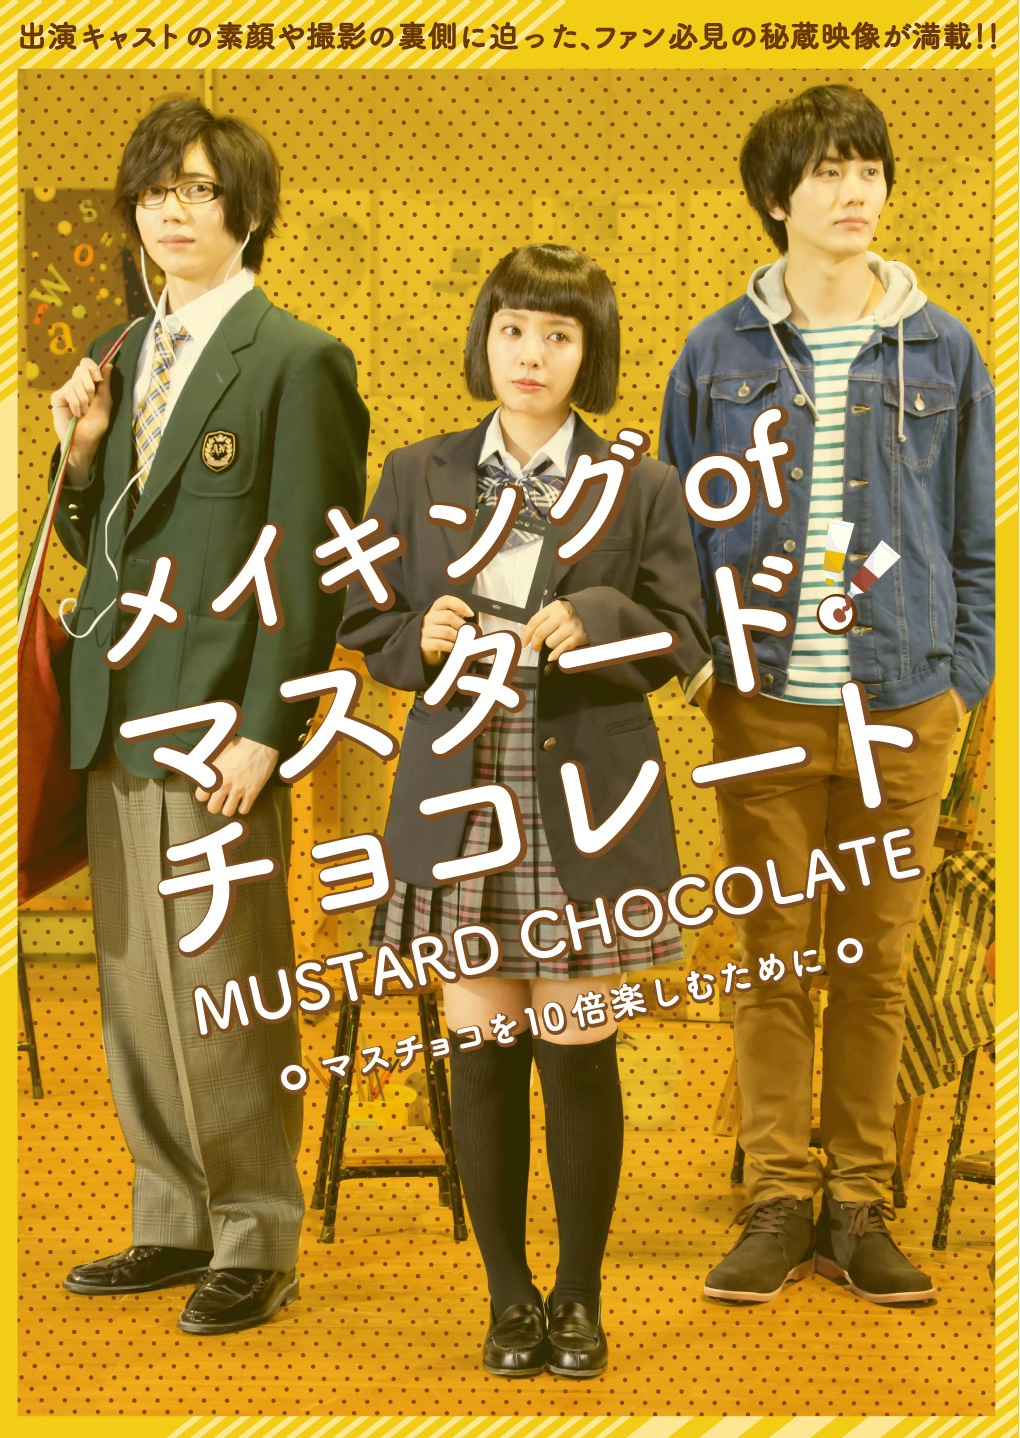 マスタード・チョコレートメイキング DVD